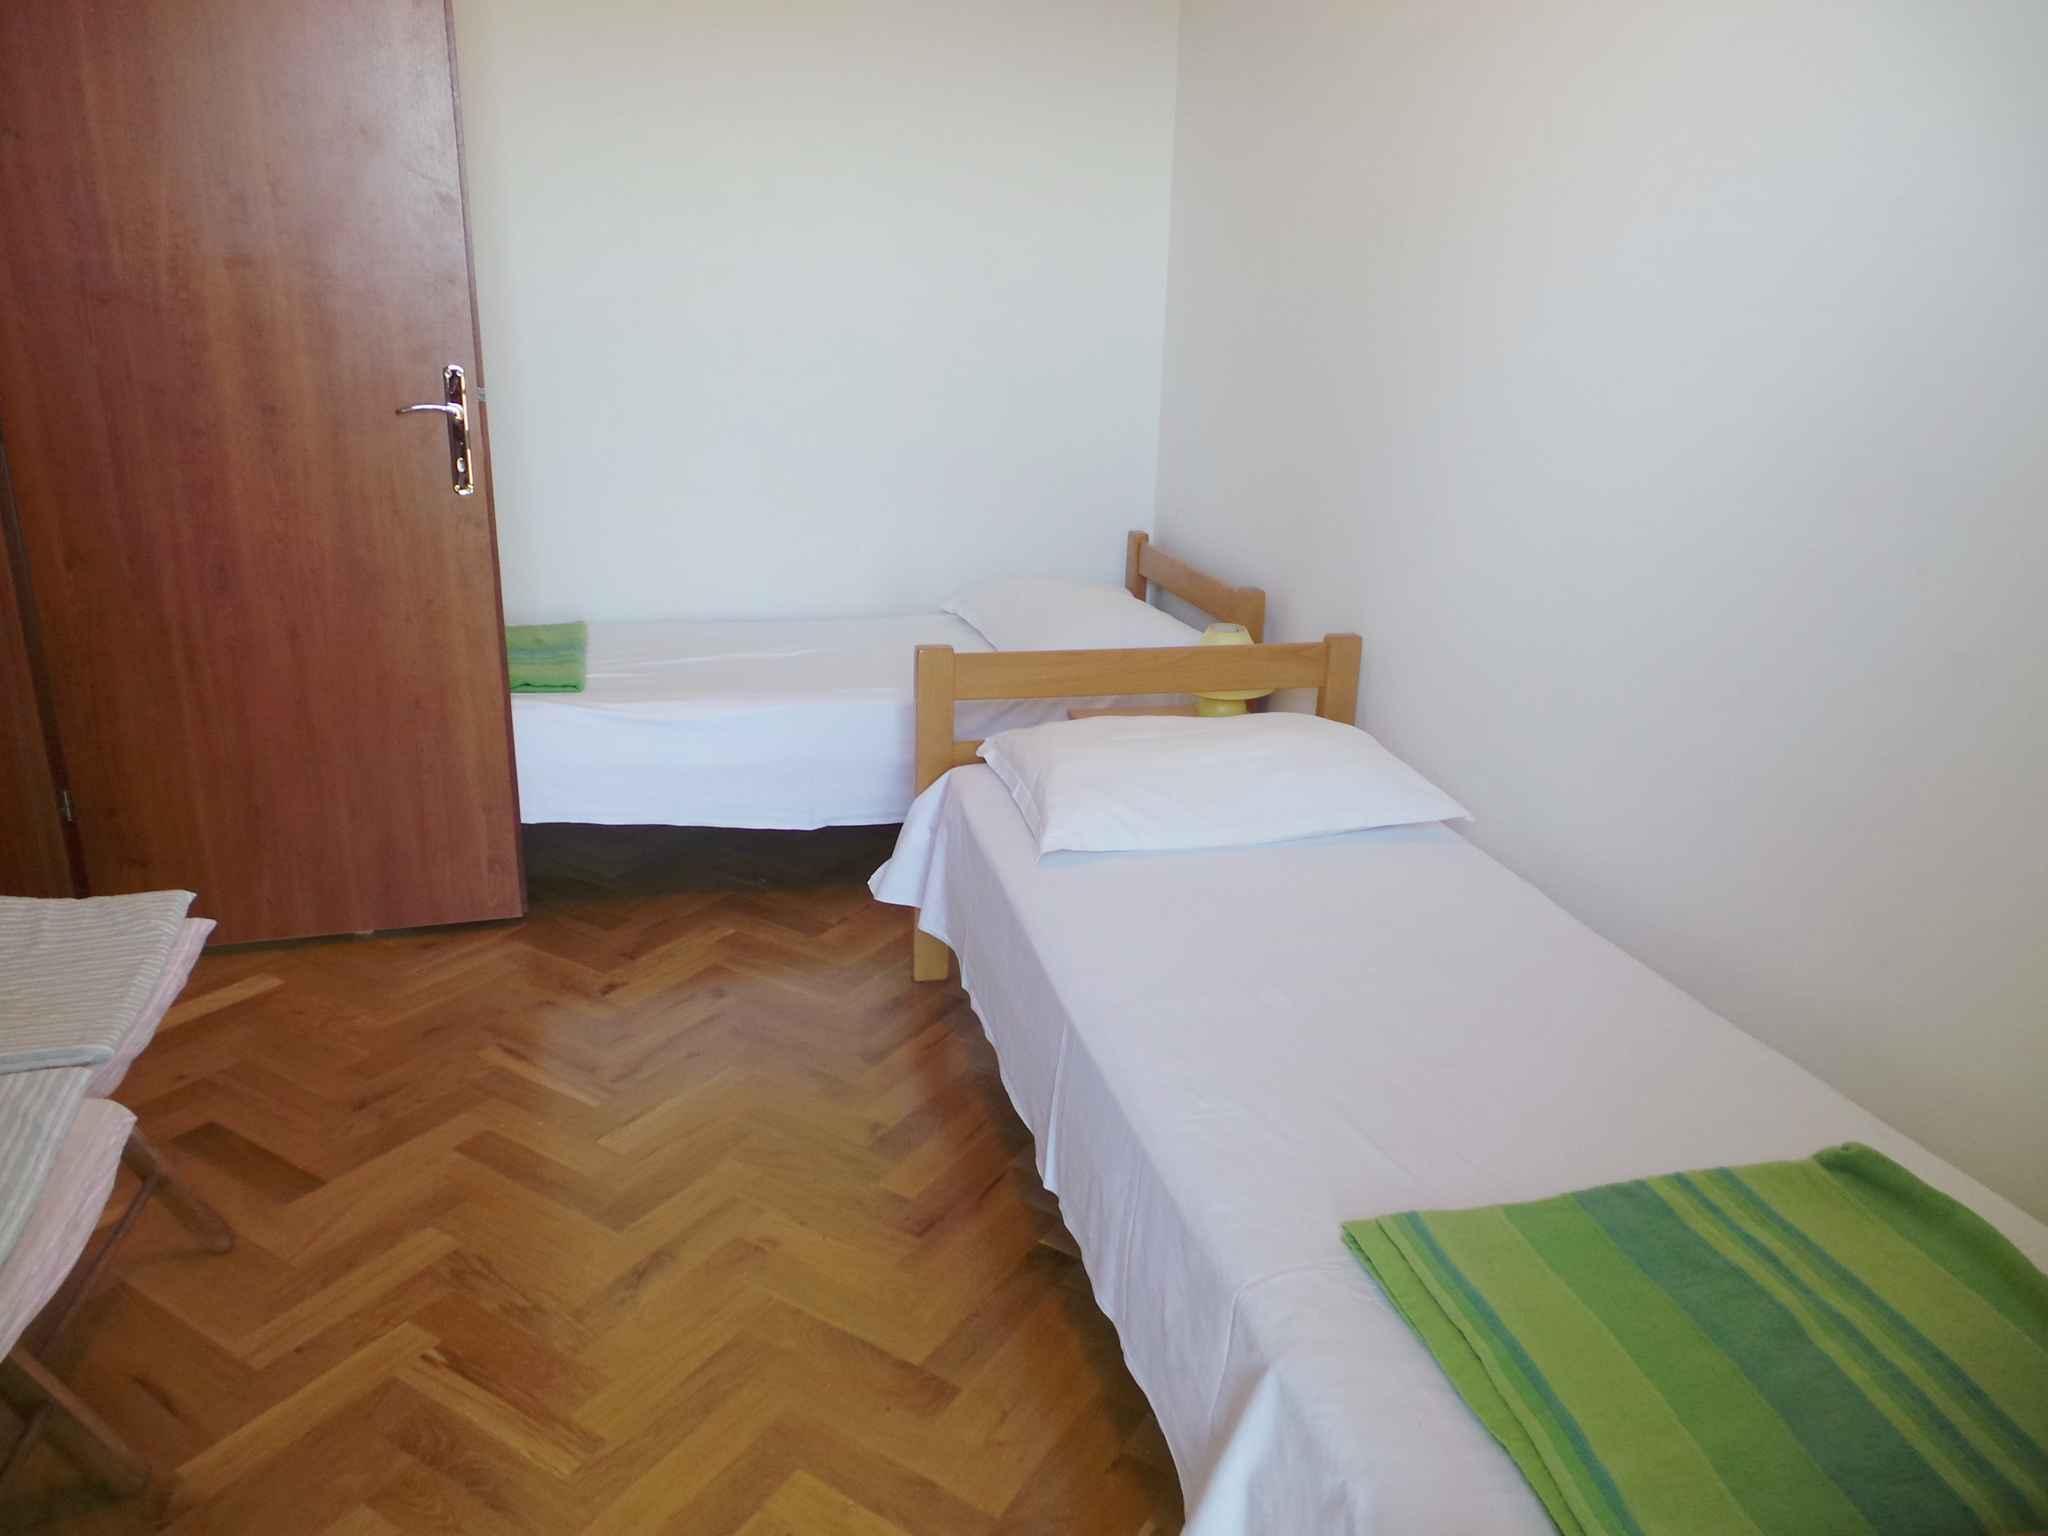 Ferienwohnung mit Meerblick und Grillmöglichkeit (968403), Kraljevica, , Kvarner, Kroatien, Bild 15